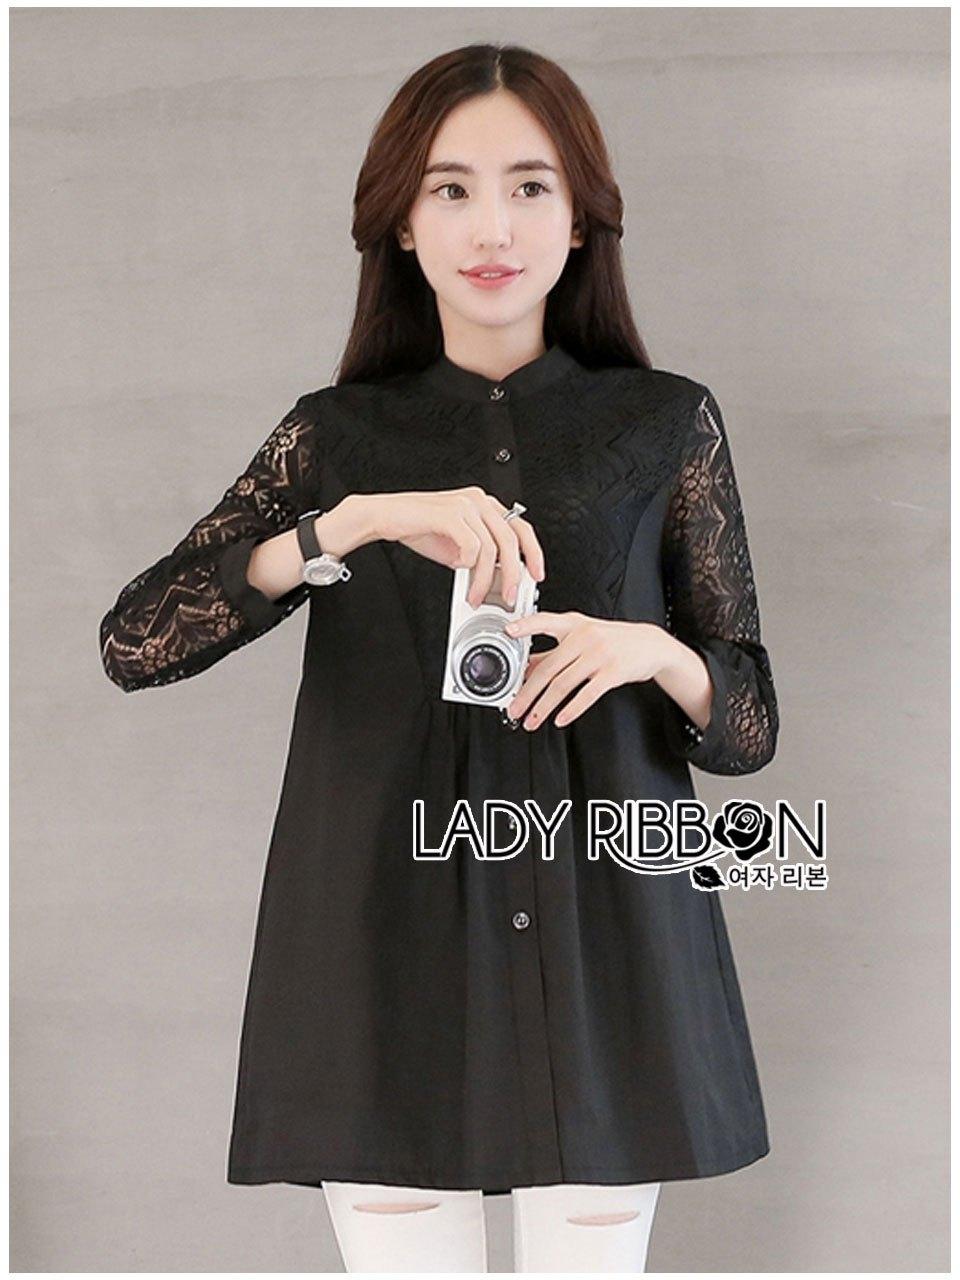 เสื้อผ้าเกาหลี พร้อมส่งเชิ้ตยาวผ้าคอตตอนและลูกไม้สีดำ